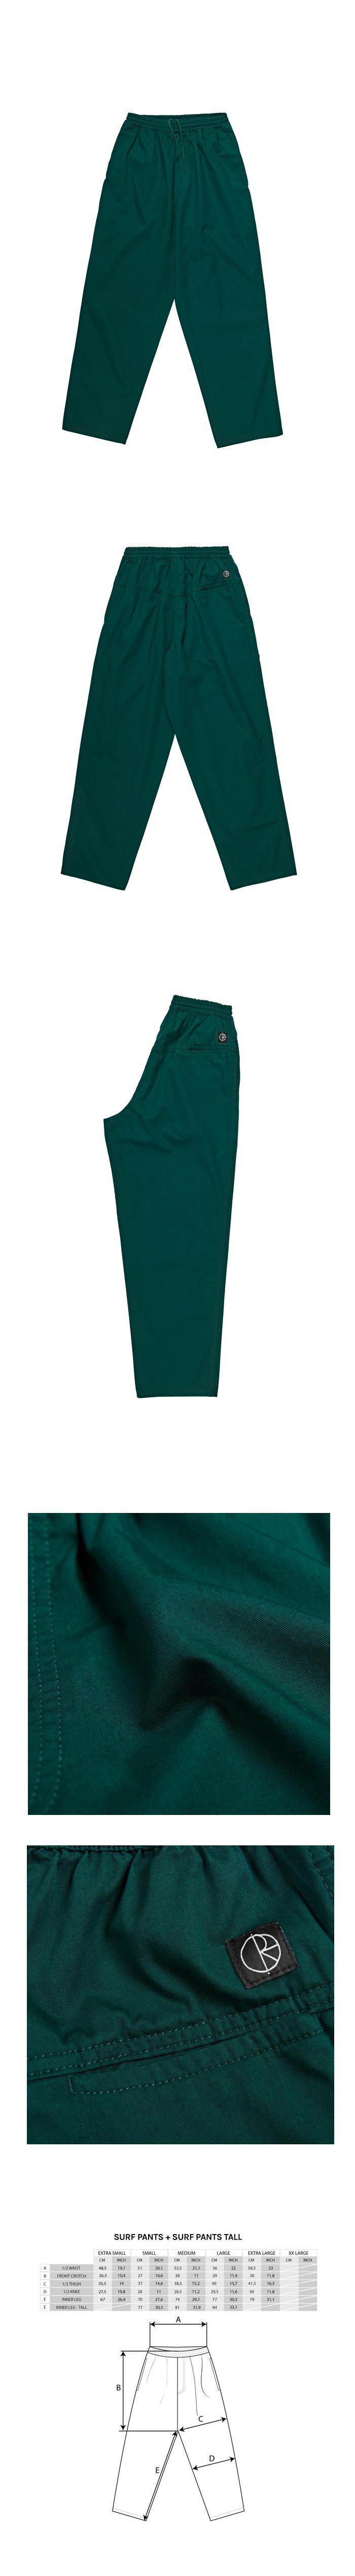 폴라(POLAR) Surf Pants - Dark Green [SU19]